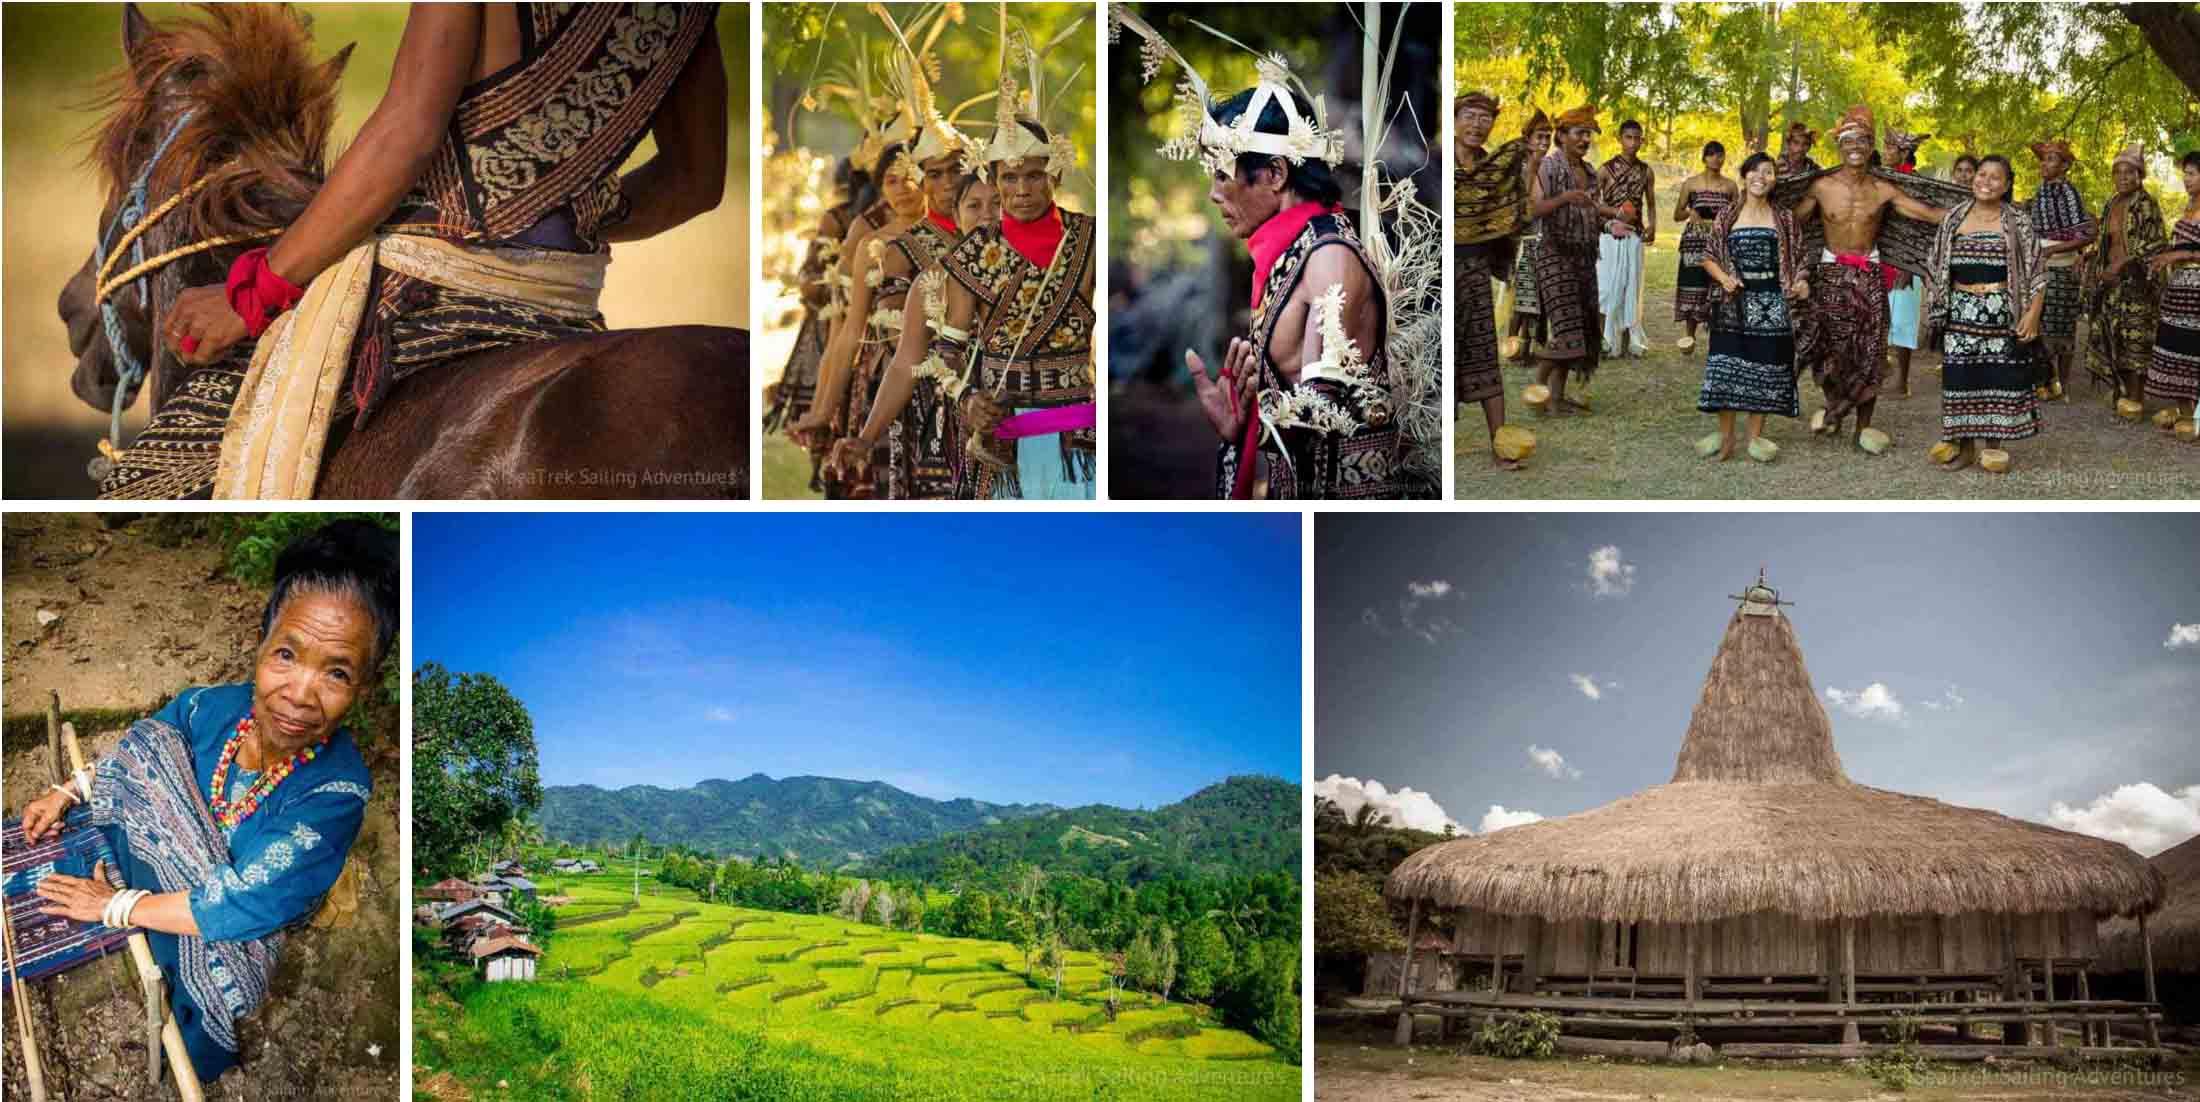 tribal-weaving-of-the-lesser-sunda-islands-3